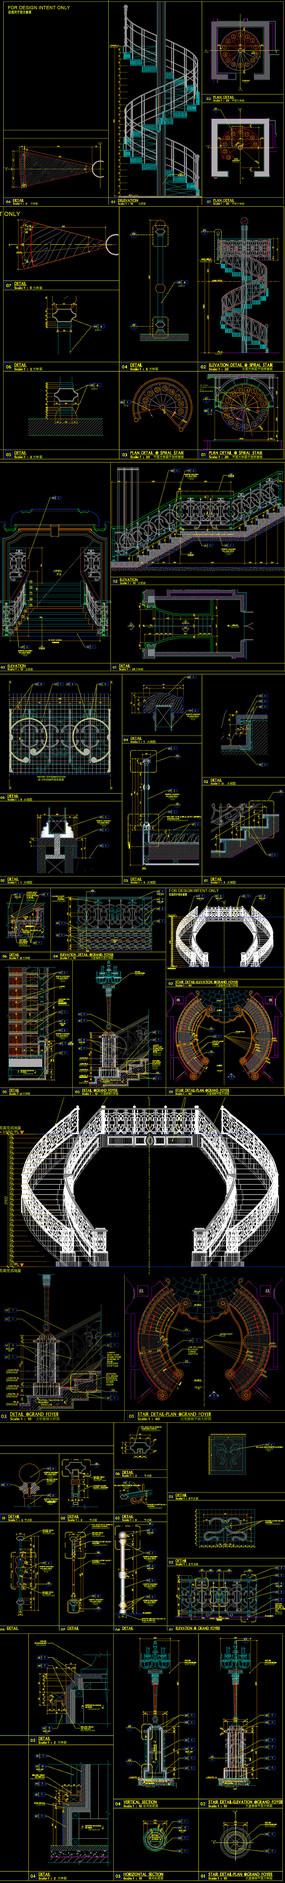 全套旋转楼梯CAD设计图集